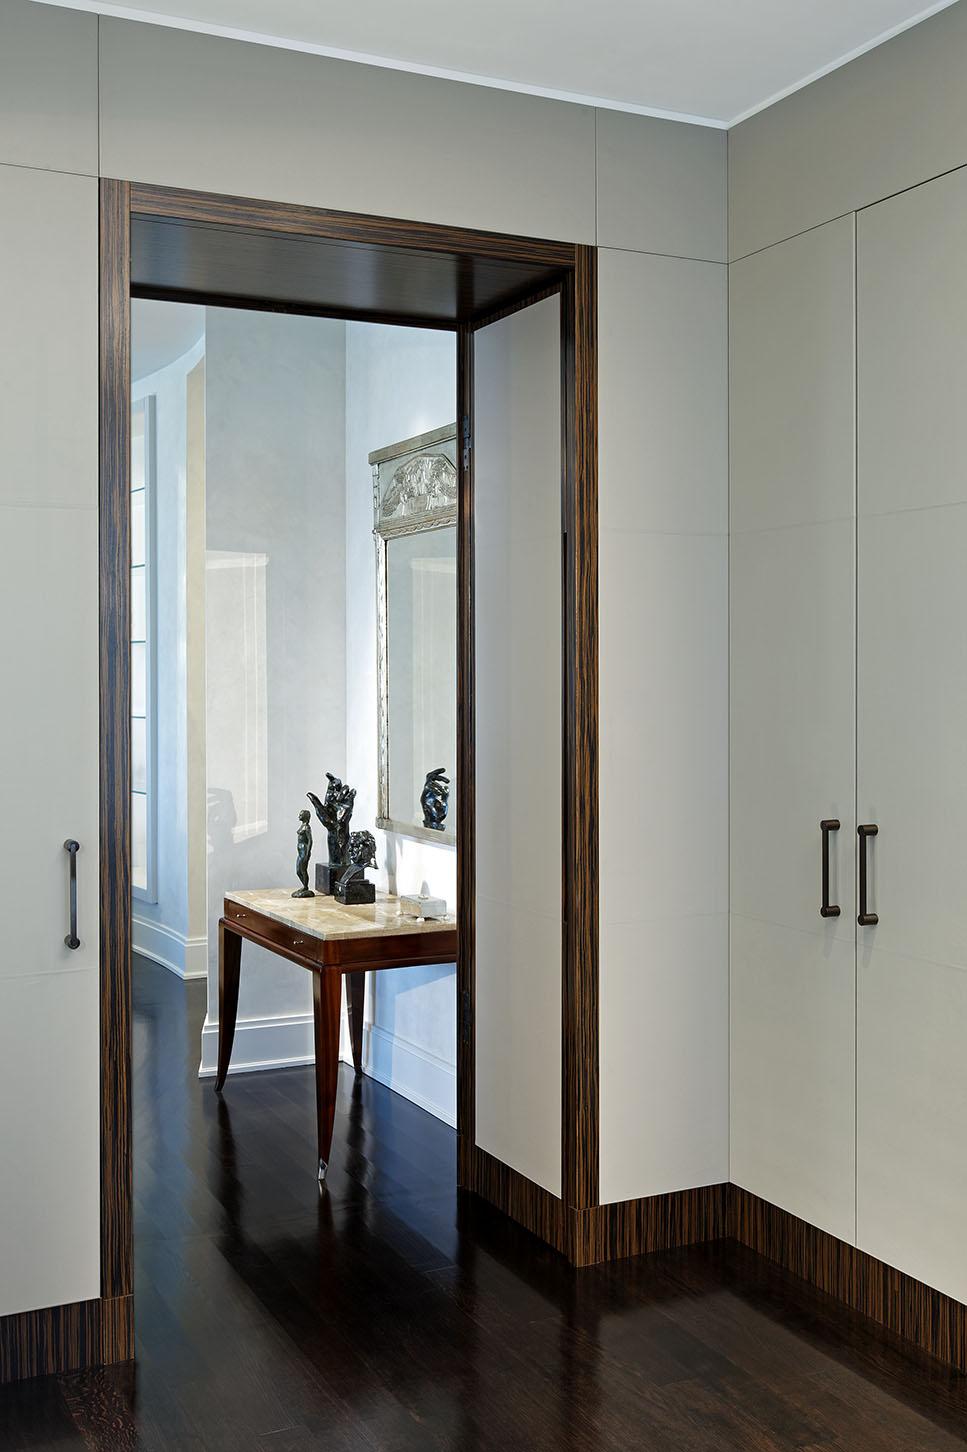 28_Doorway Fully Open.jpg